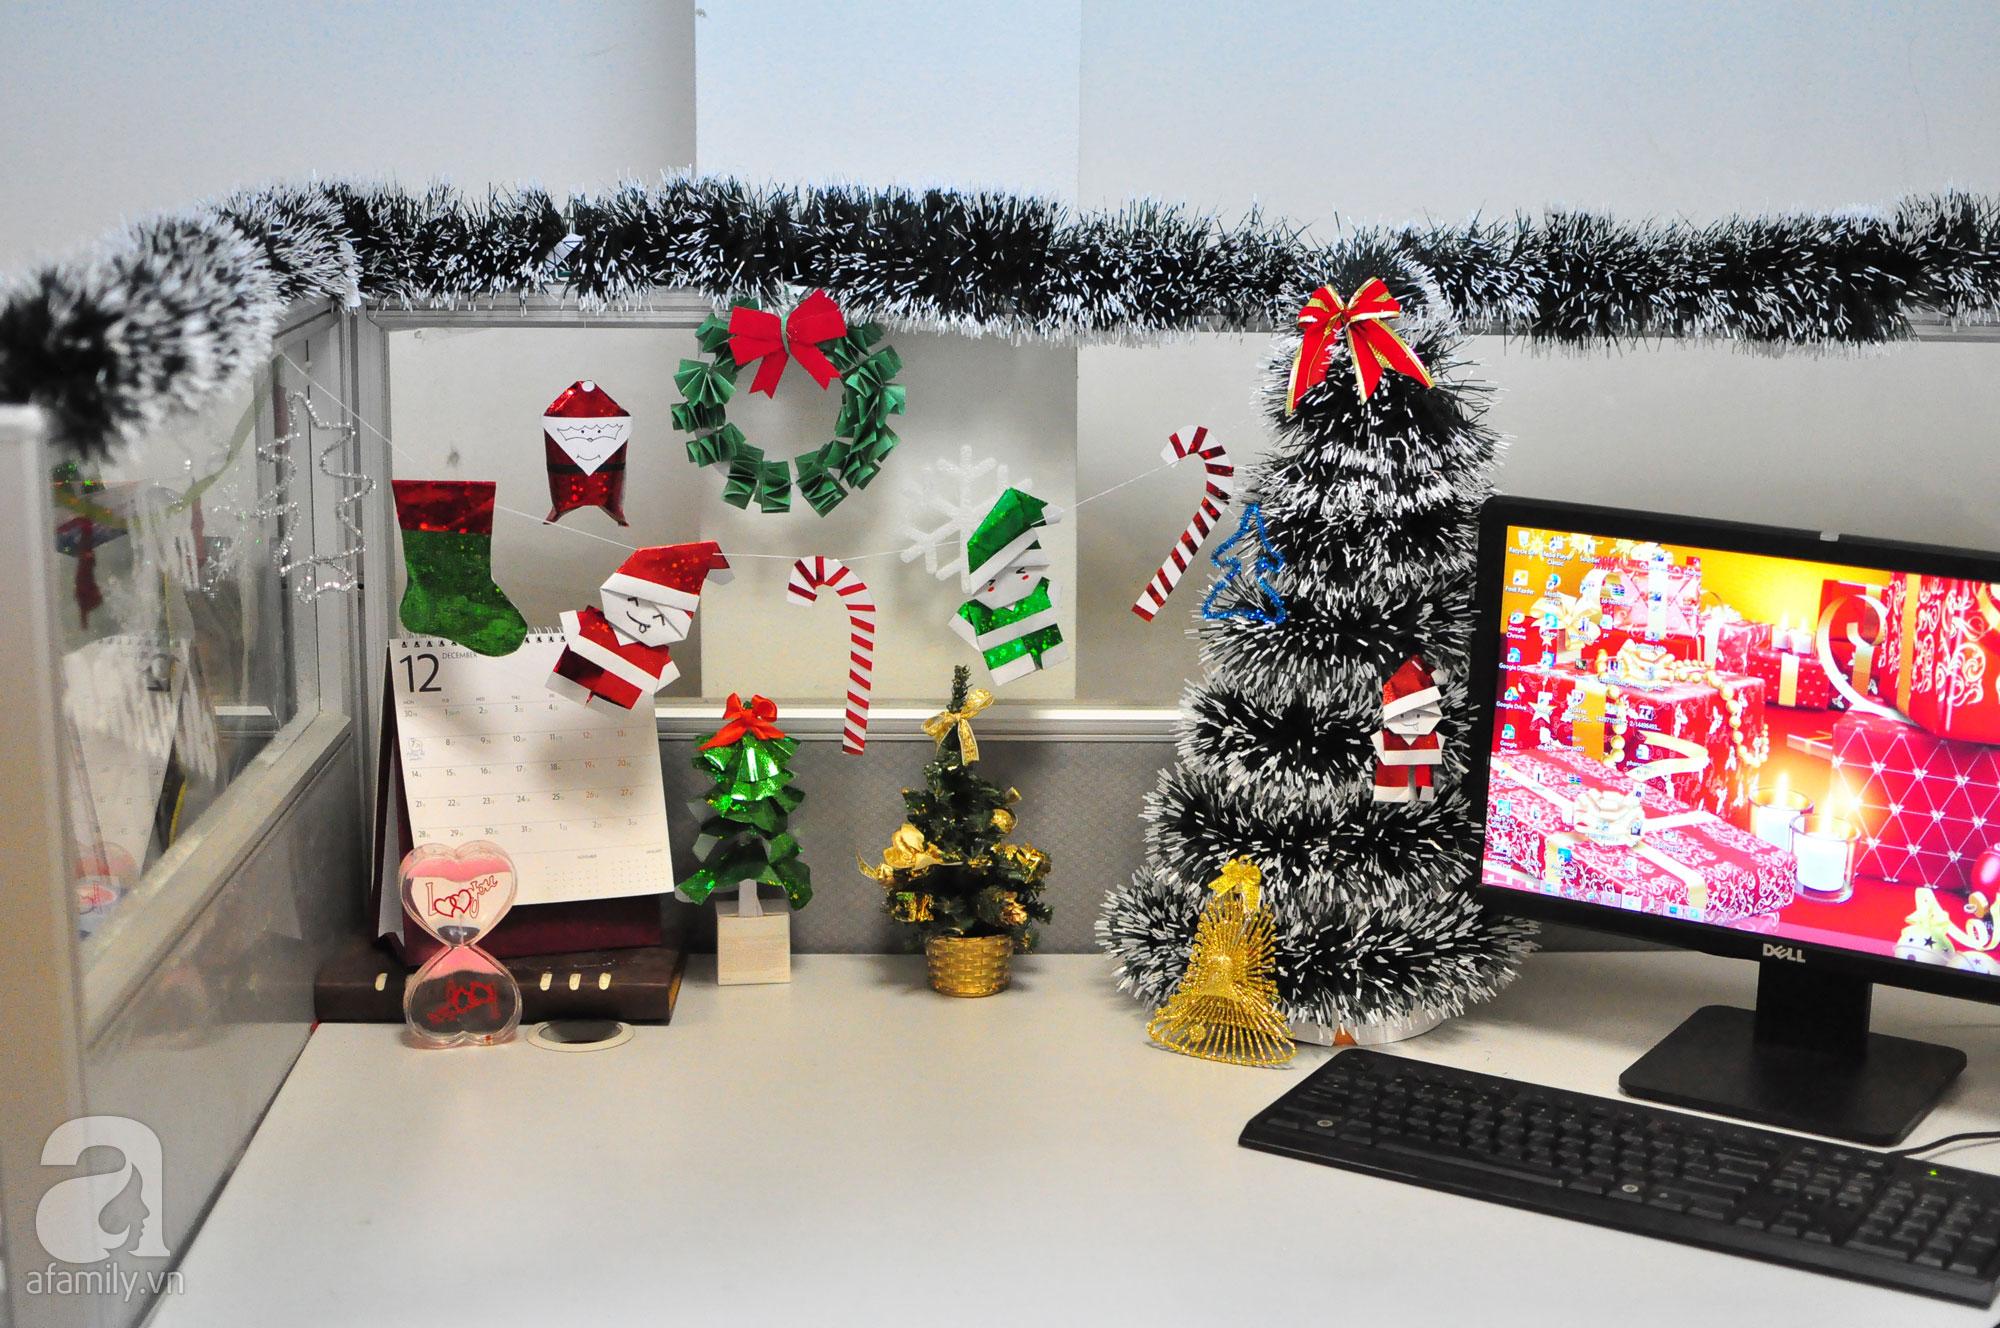 trang trí nội thất văn phòng noel 10